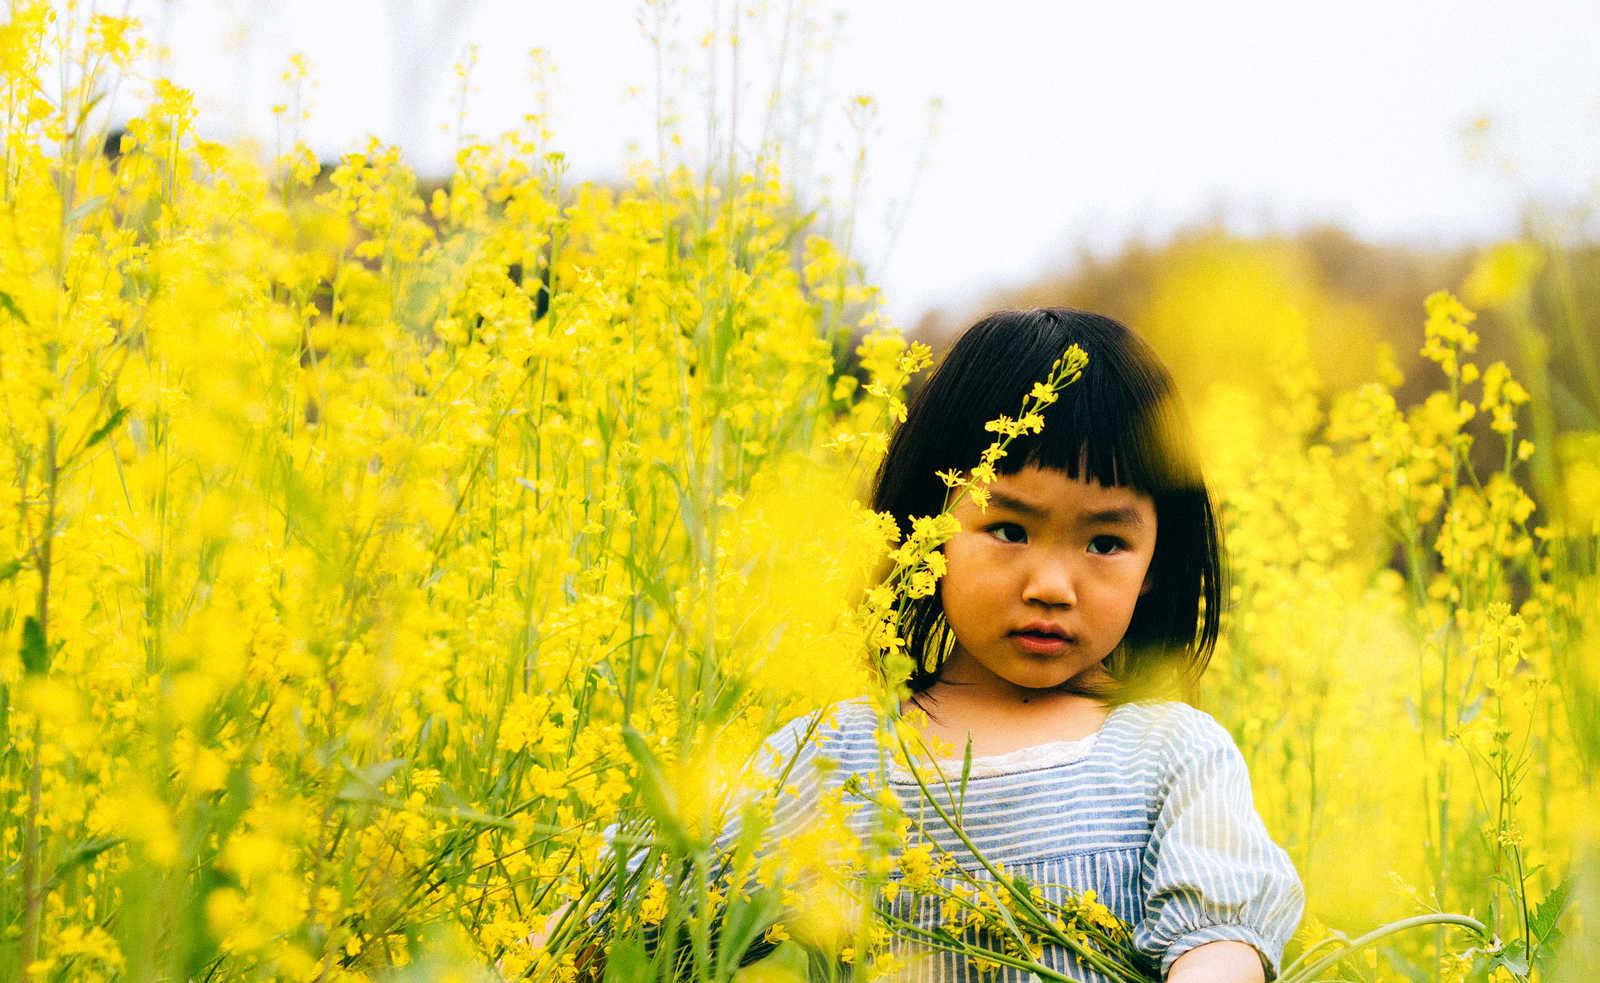 高齢者向けクイズ!『花』の漢字読み問題を解いてみよう!全15問